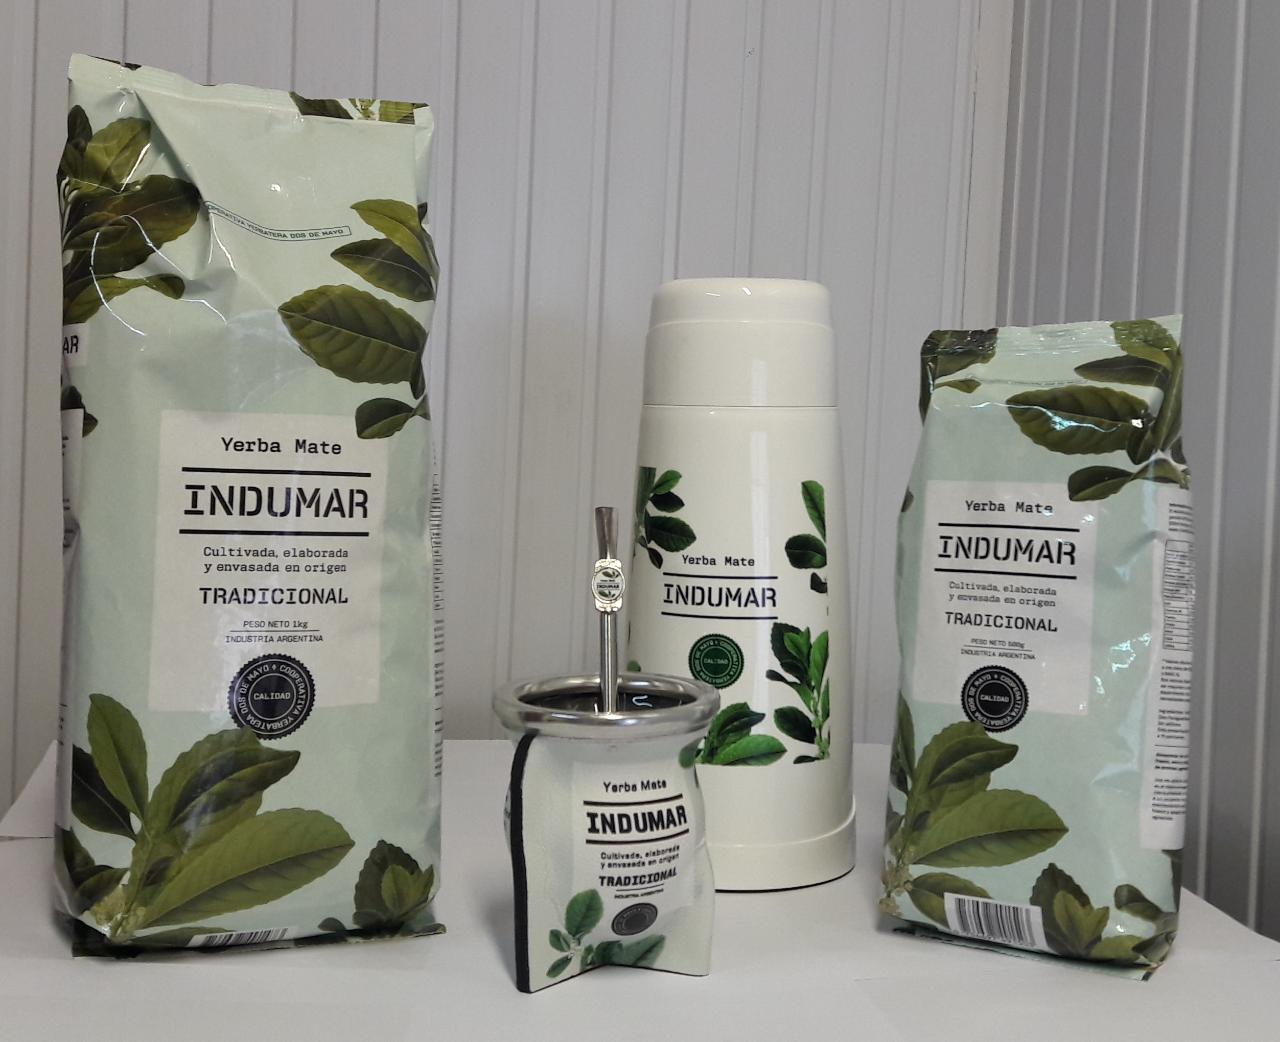 Indumar: Otra cooperativa que da el salto y se mete en el competitivo mercado de la yerba mate con marca propia